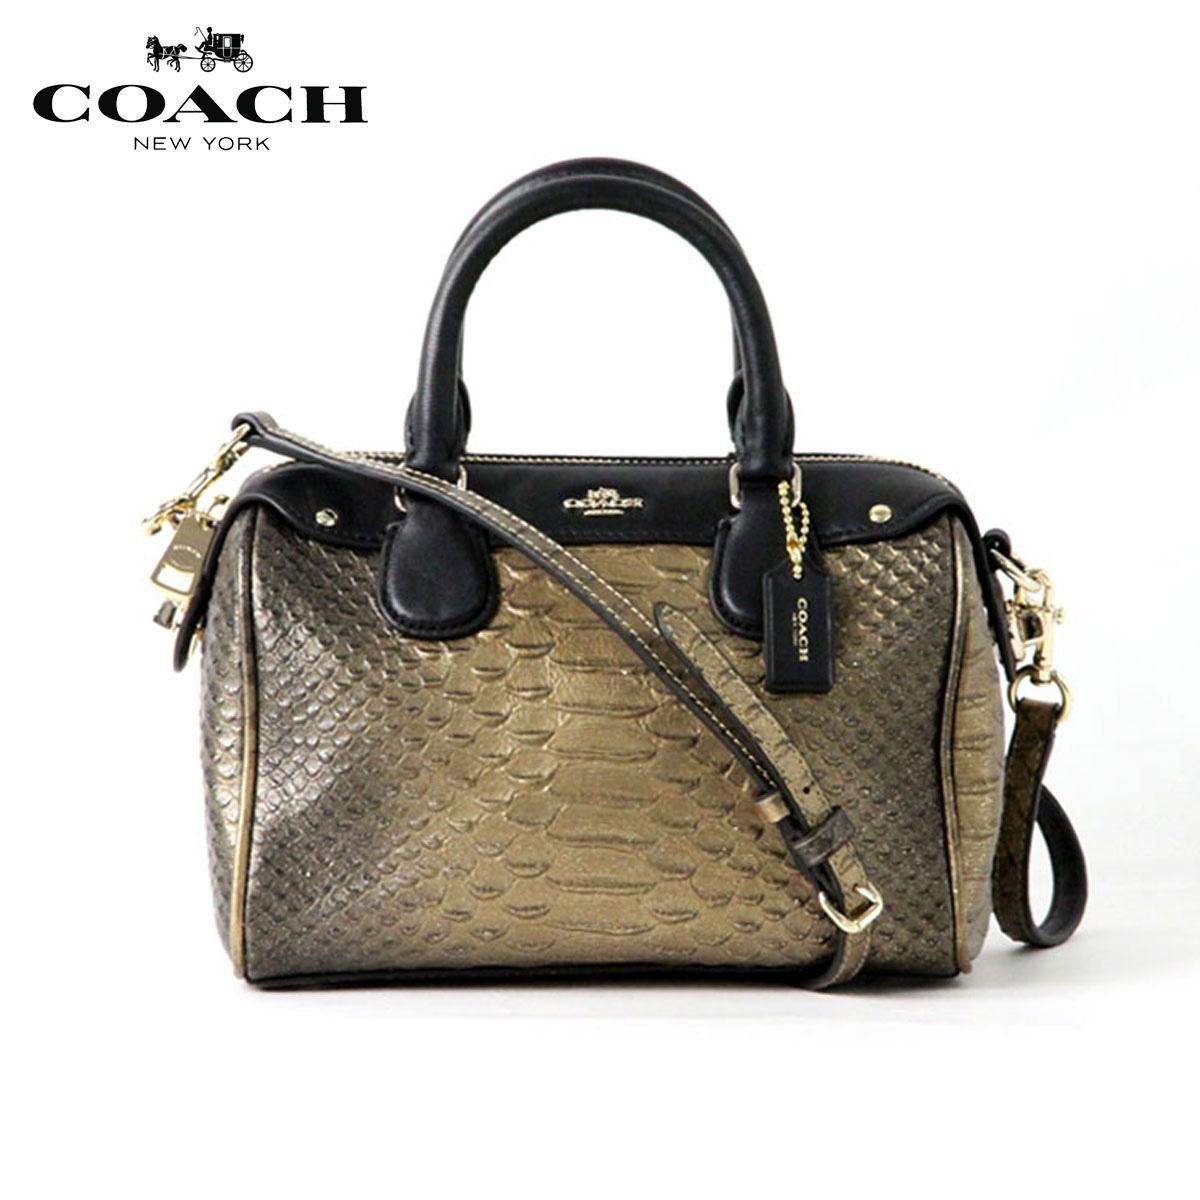 コーチ COACH 正規品 レディース バッグ SATCHEL F36657 IMGLD